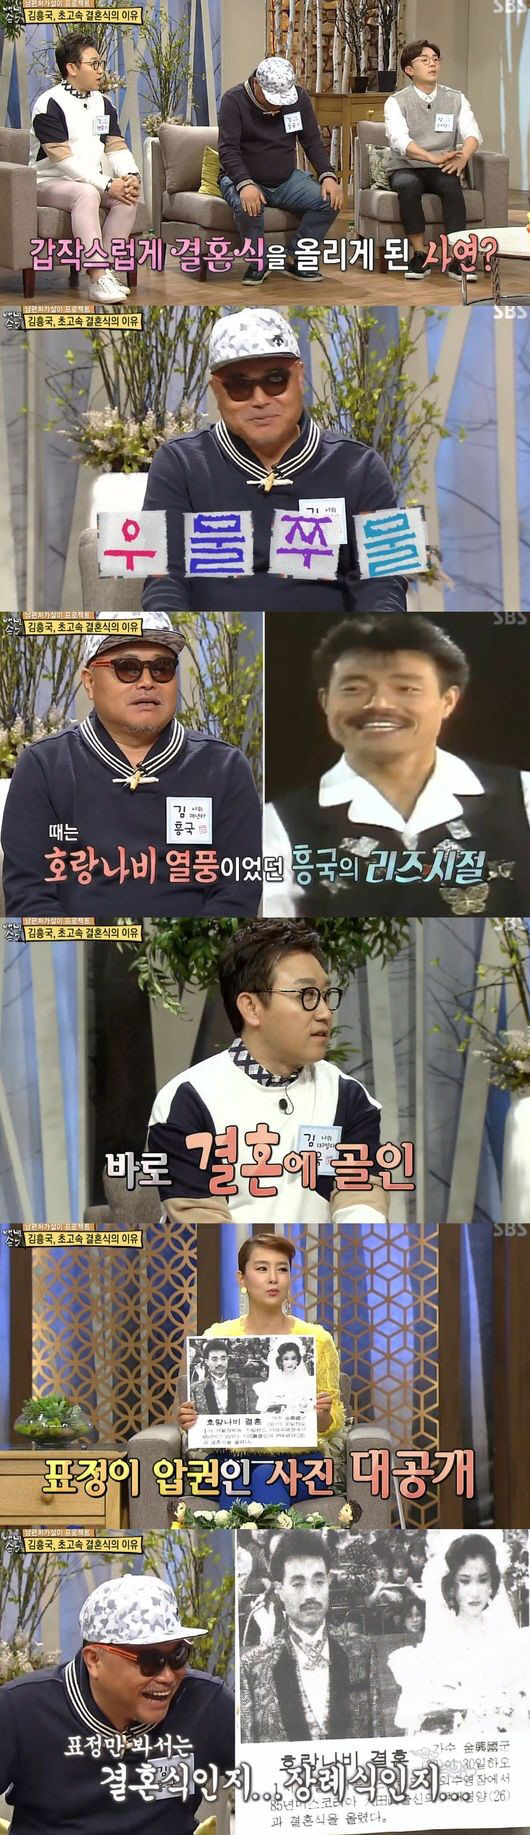 `백년손님` 김흥국 `초고속 결혼? 동거하다 기자에게 걸려서..`